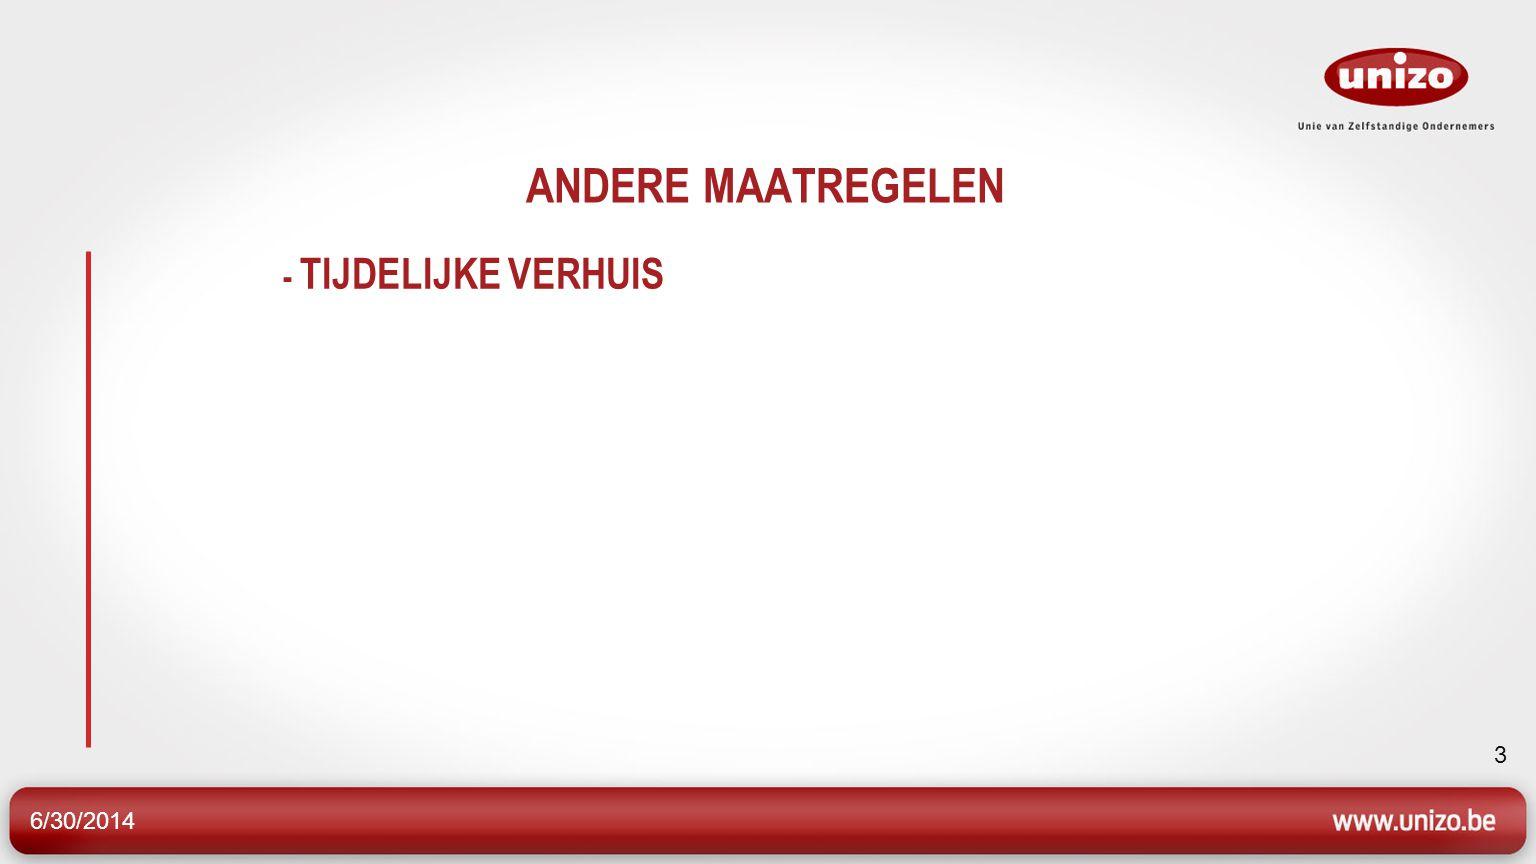 6/30/2014 3 ANDERE MAATREGELEN - TIJDELIJKE VERHUIS